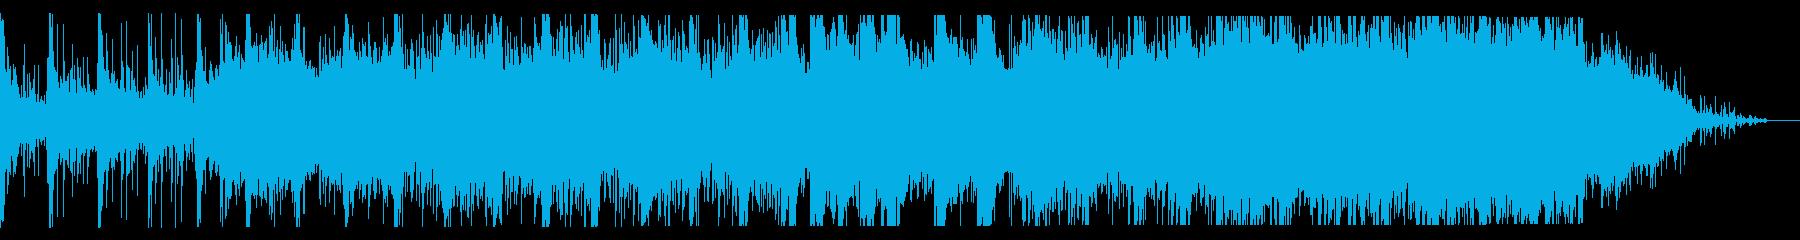 夜をイメージしたエレクトロニカの再生済みの波形